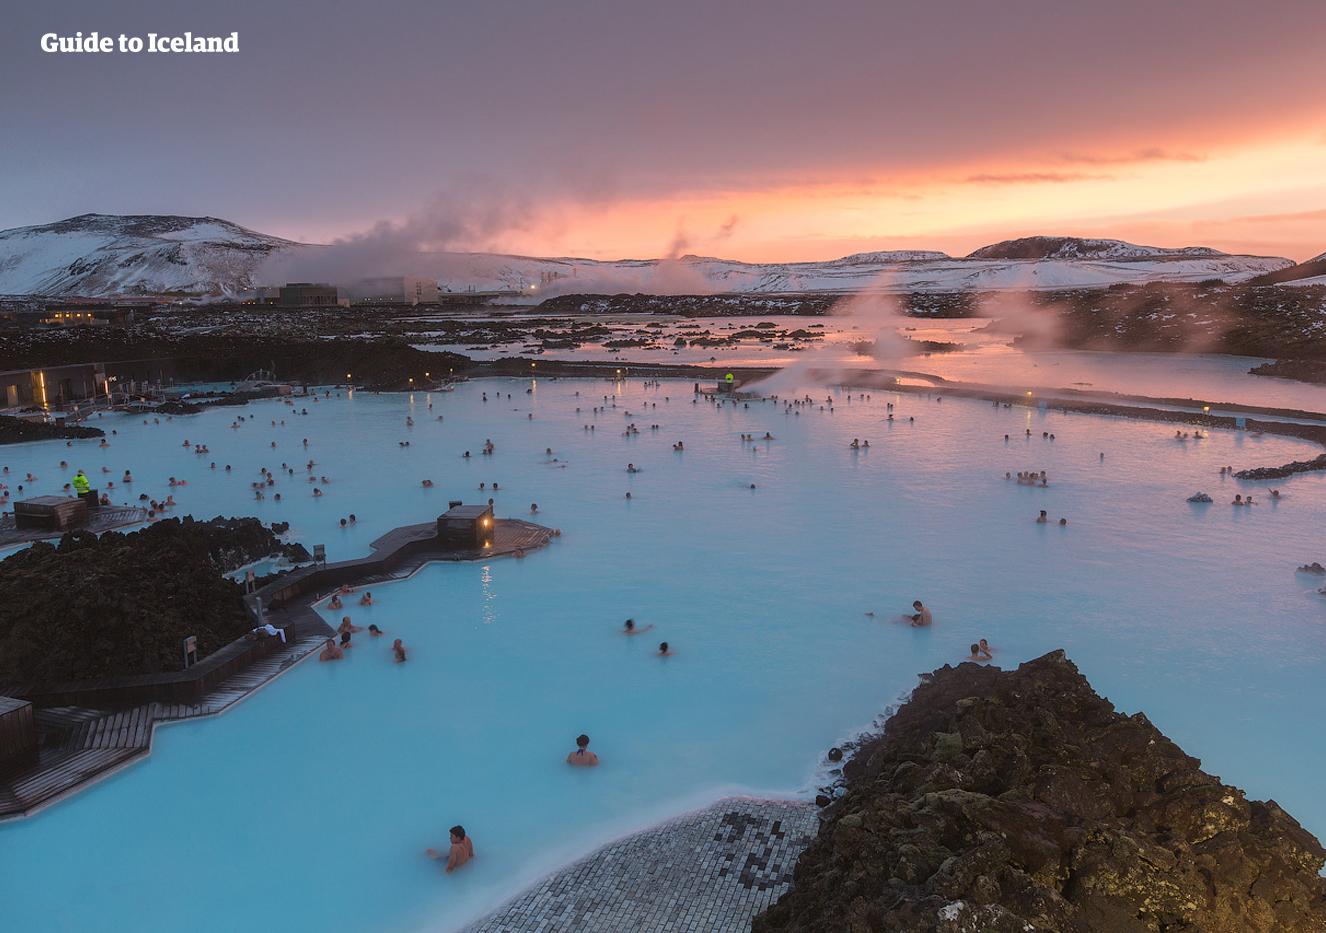 13 dni, samodzielna podróż   Zimowa wycieczka dookoła Islandii i Snaefellsnes - day 1